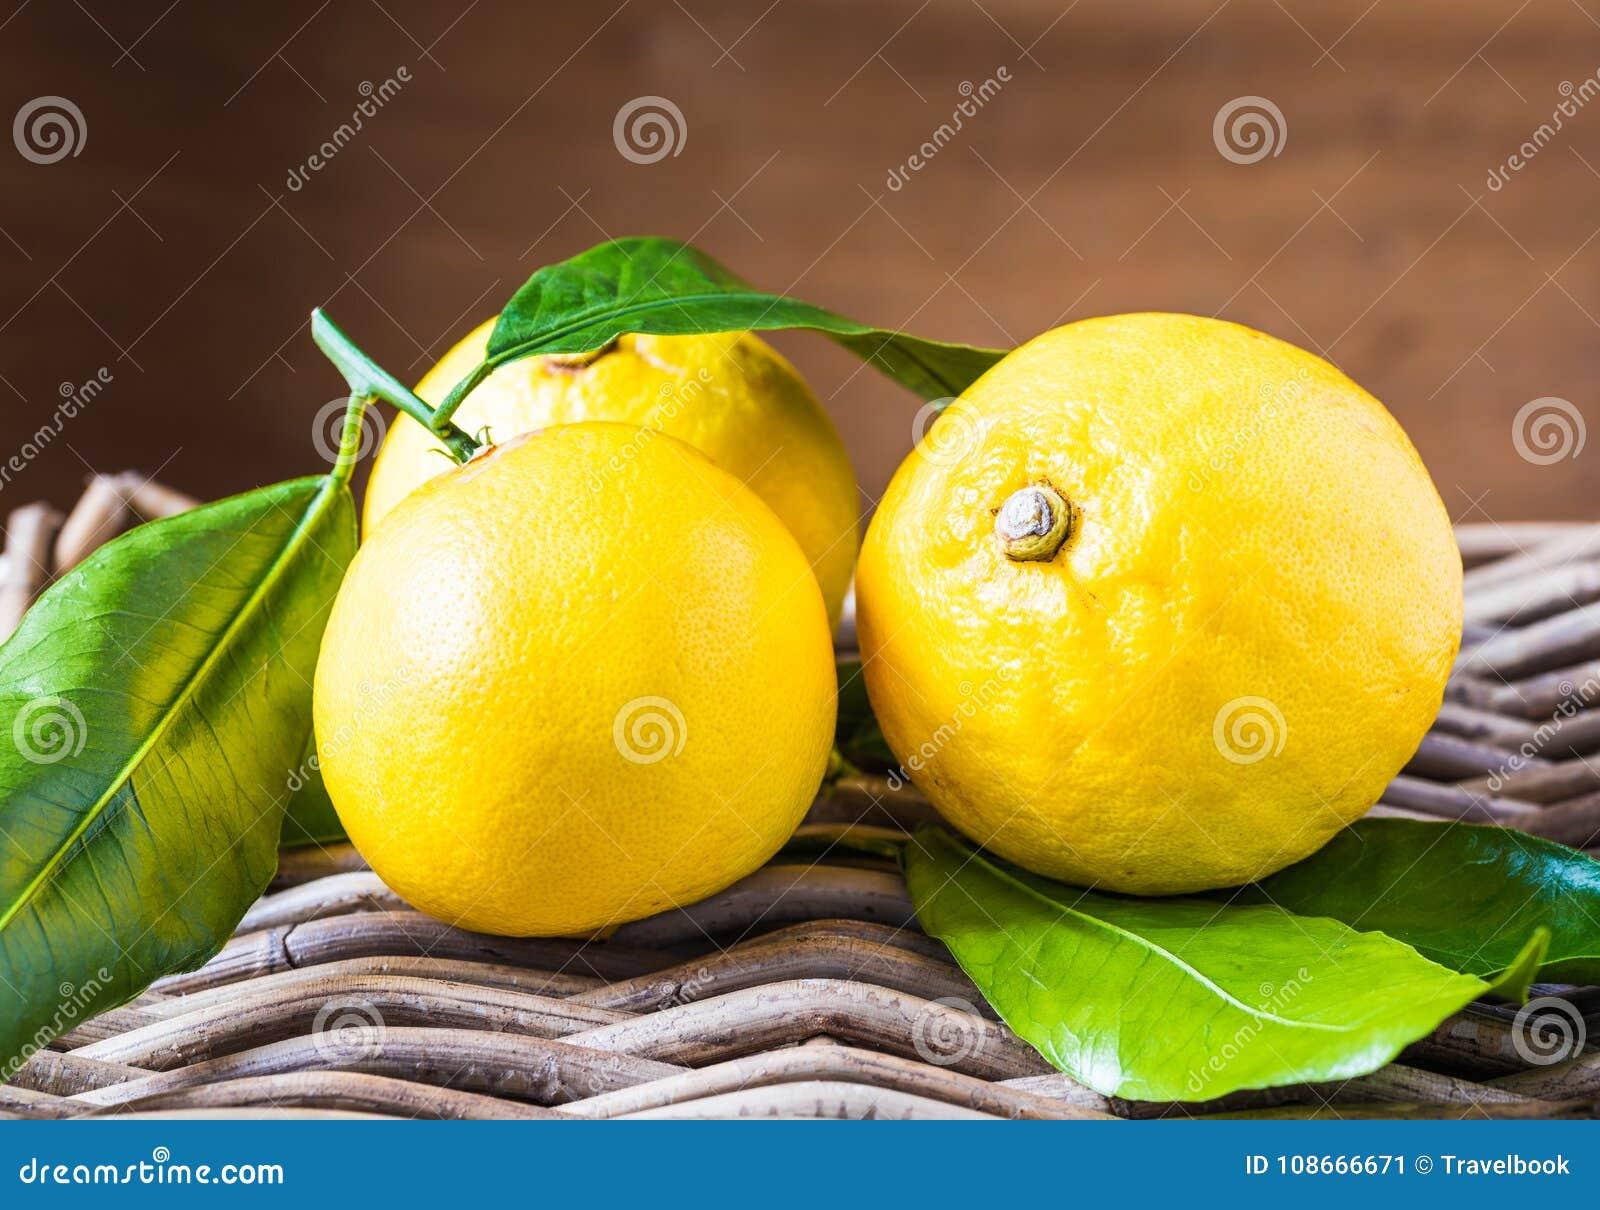 Bergamot citrus fruit from south Italy, Reggio Calabria.